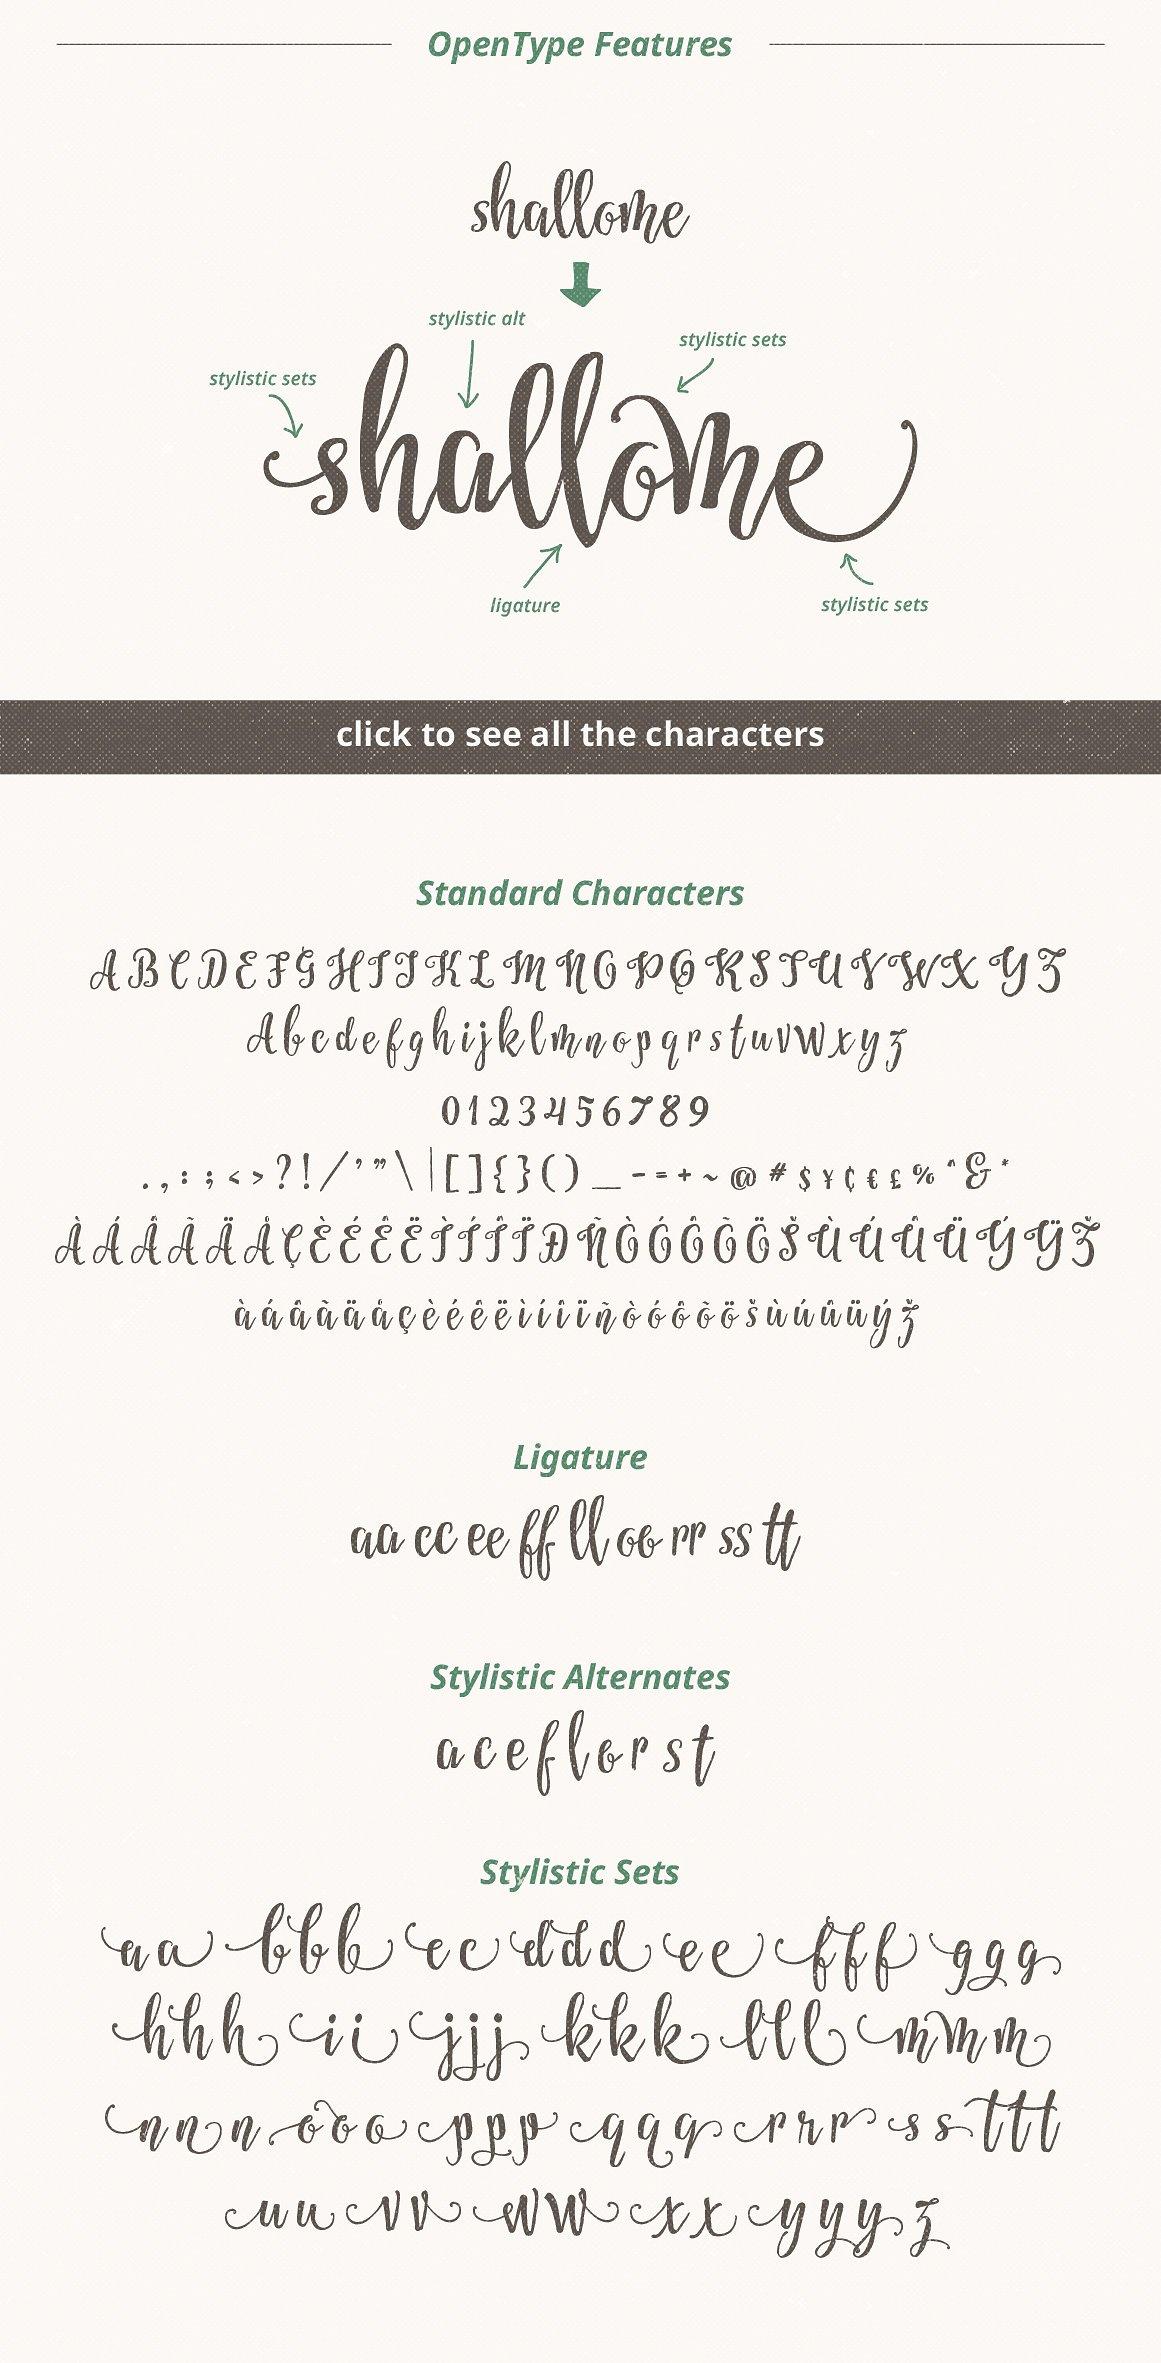 Snatchy Font